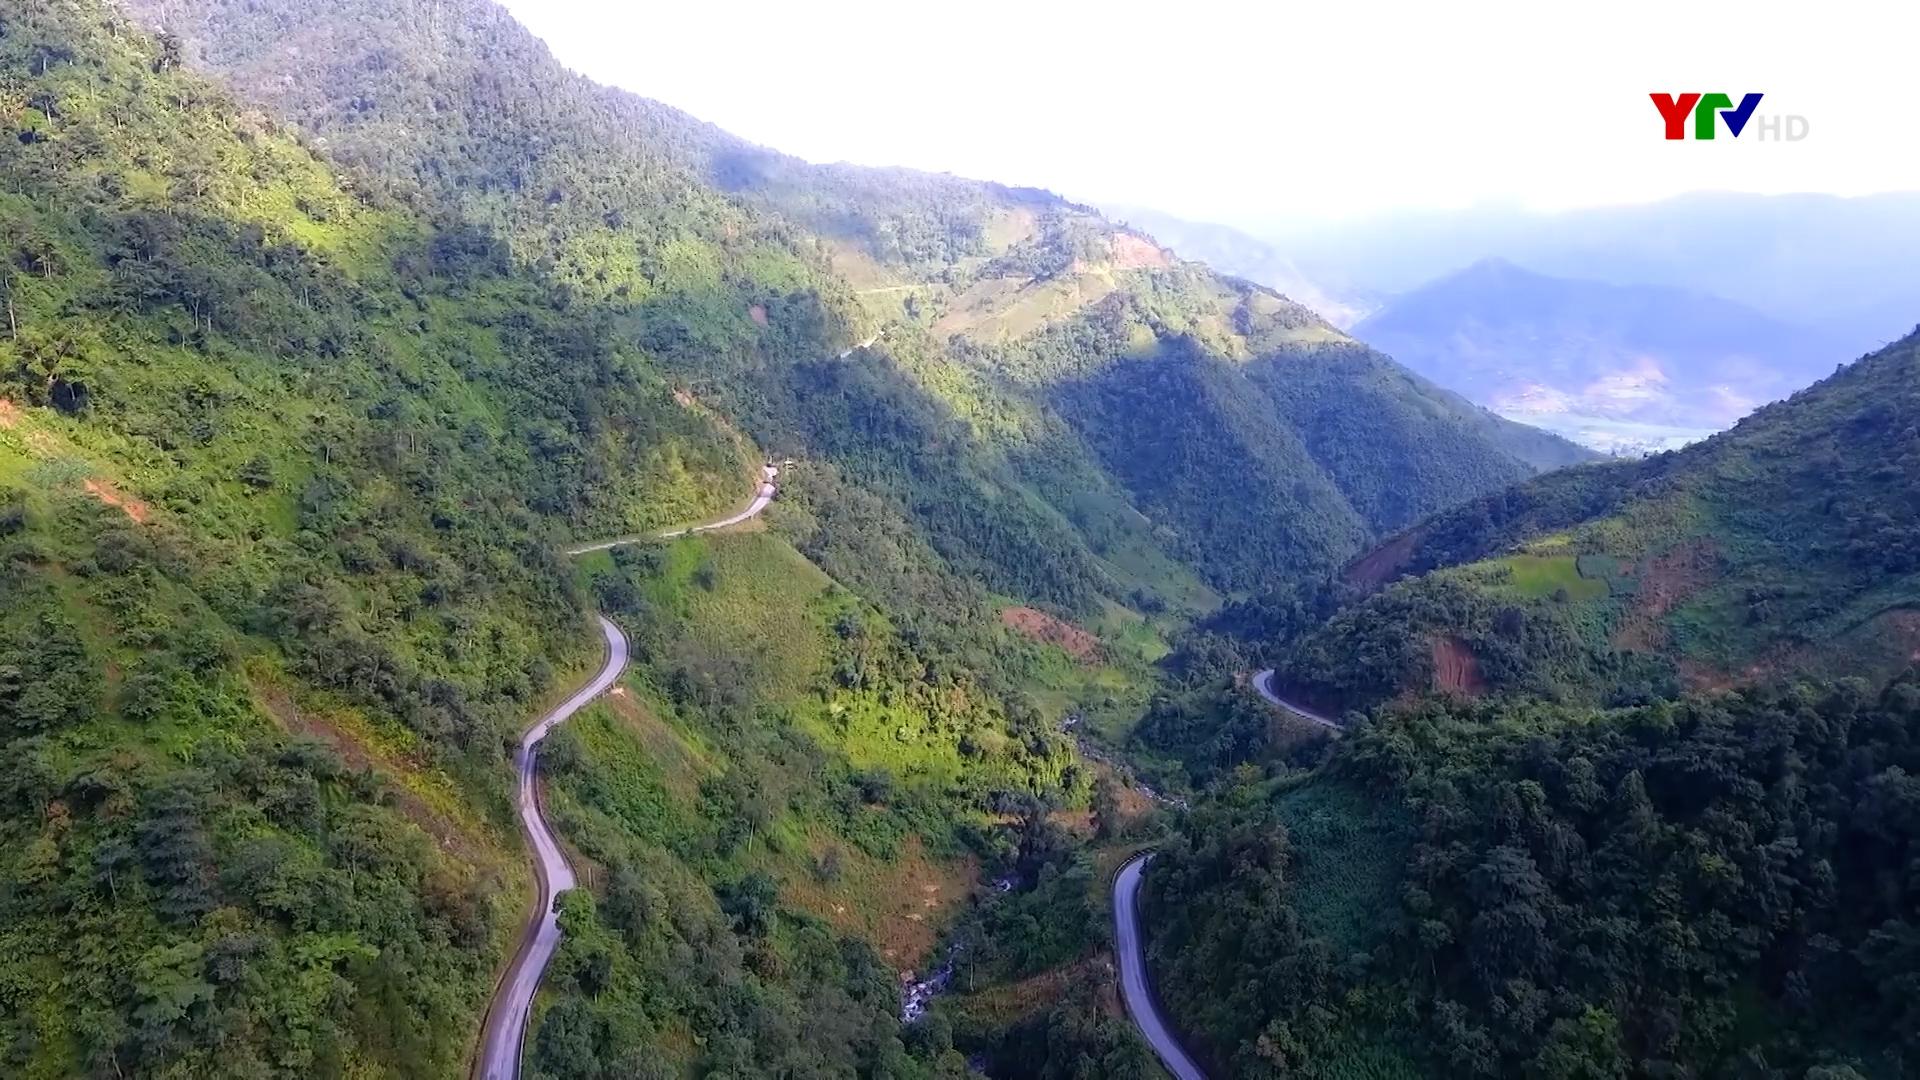 Đánh thức tiềm năng phát triển thủy sản trên đèo Khau Phạ